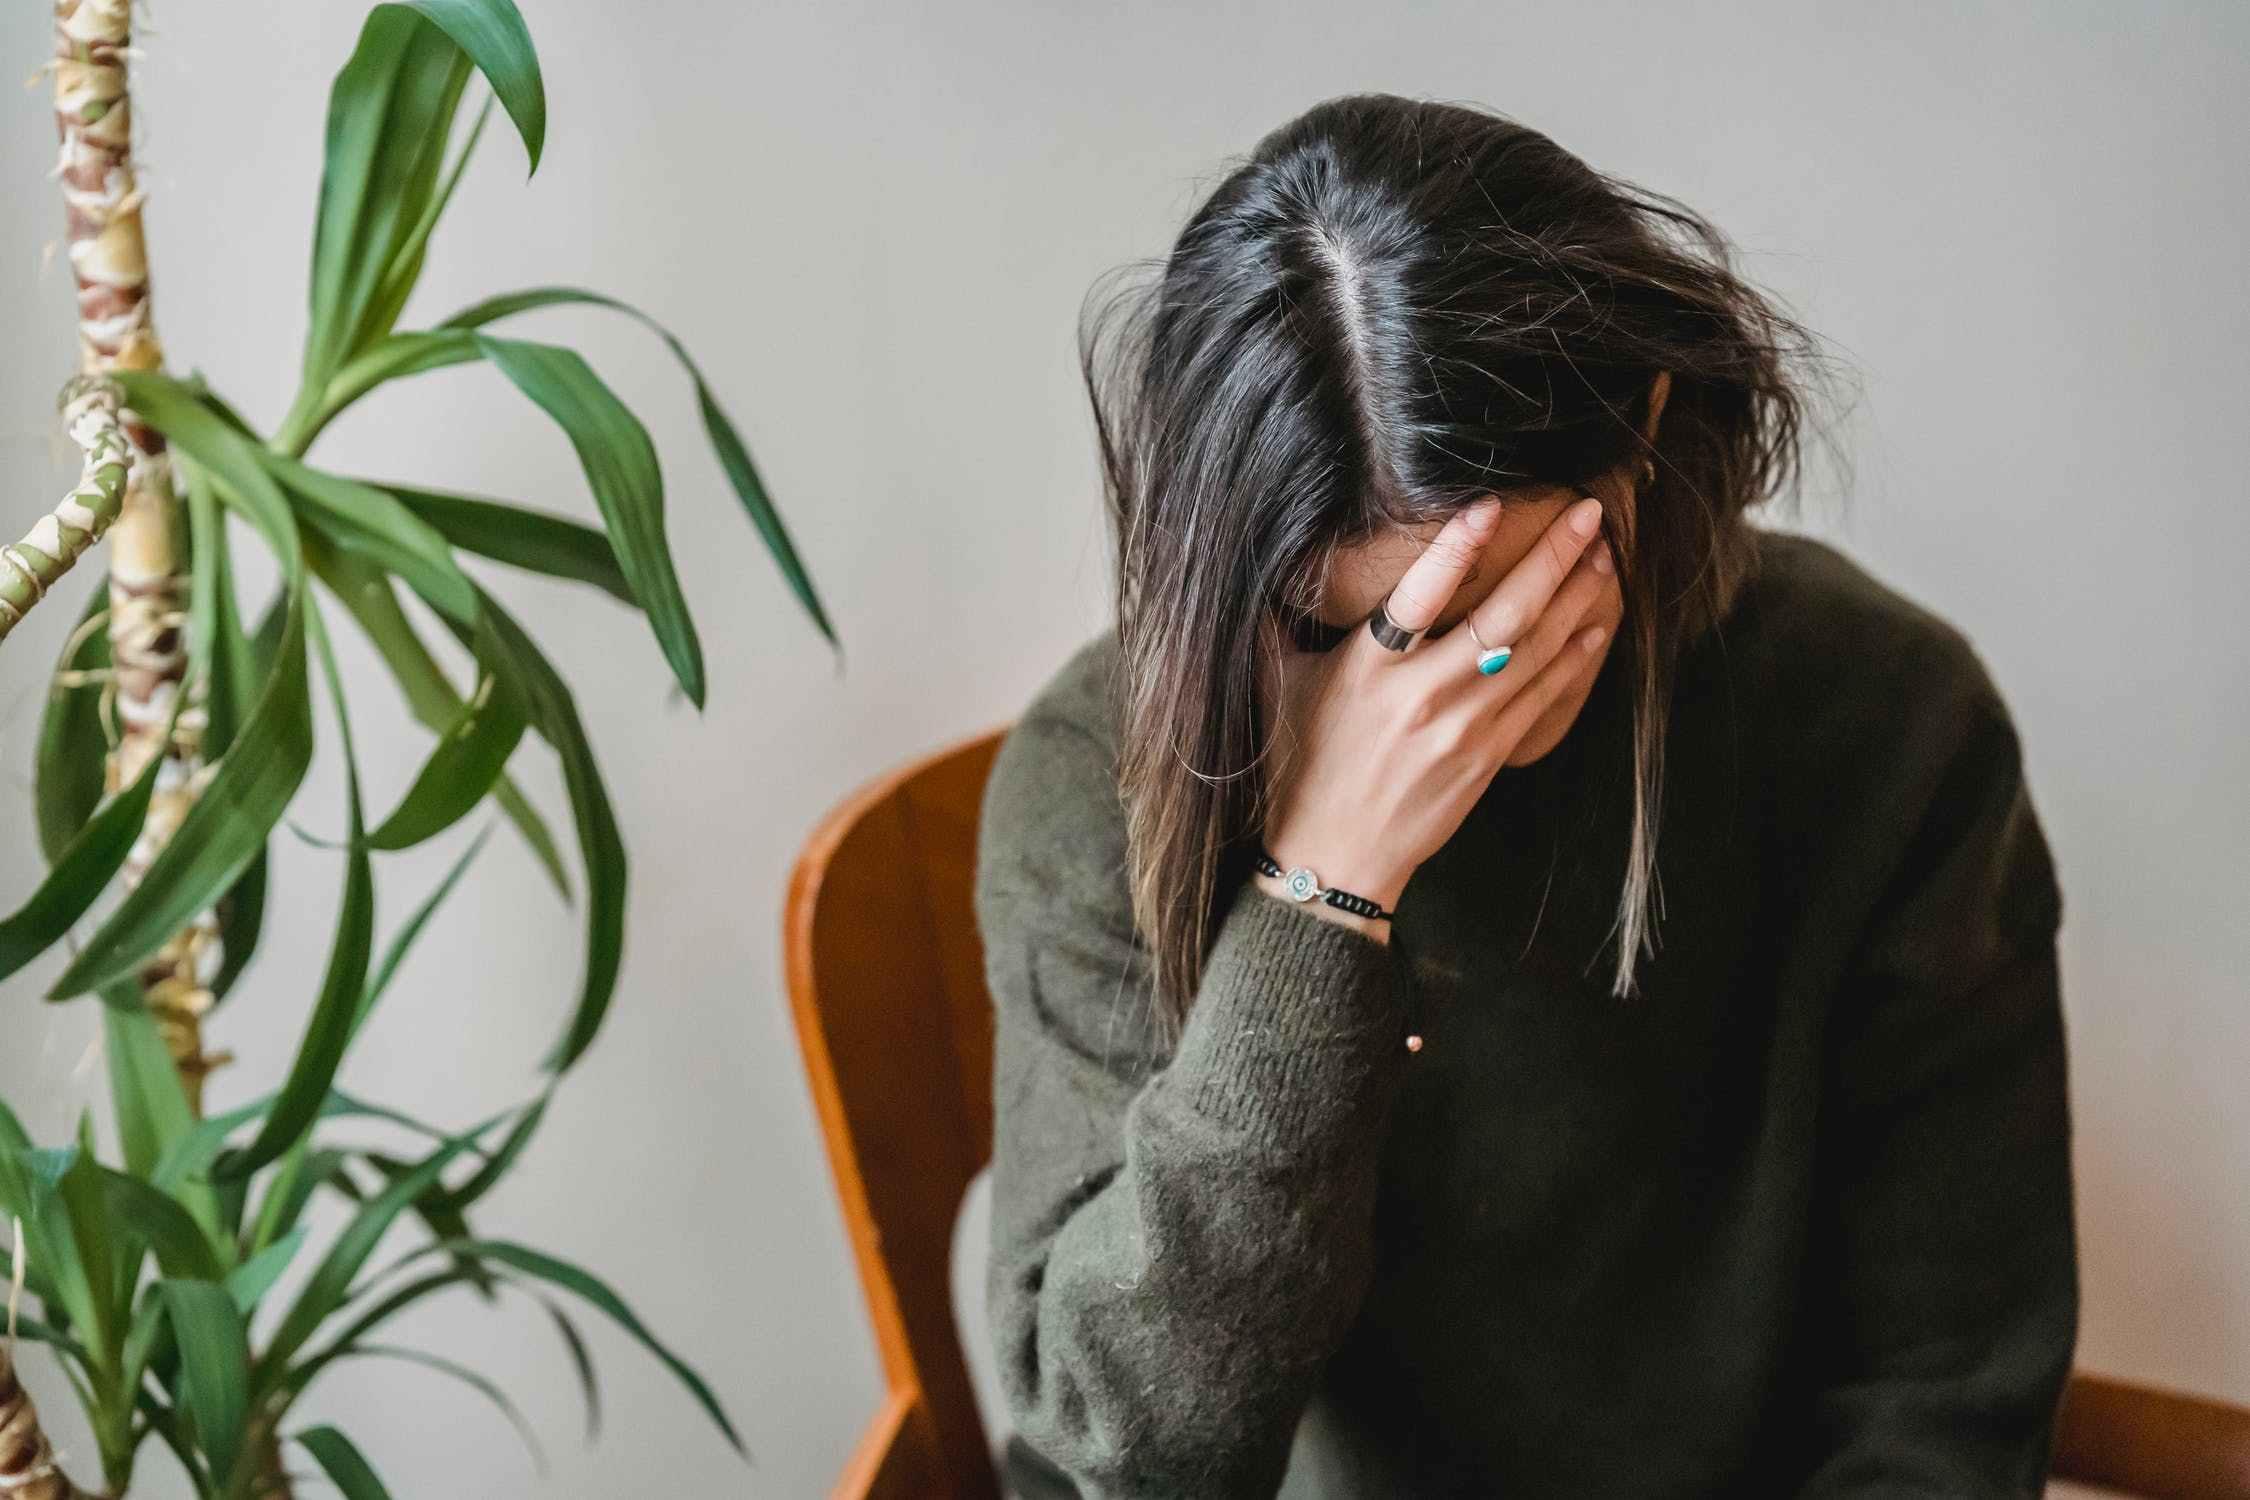 有焦虑表现的轻度产后抑郁怎么办?依靠广州悦动力心理咨询中心得到治疗护理